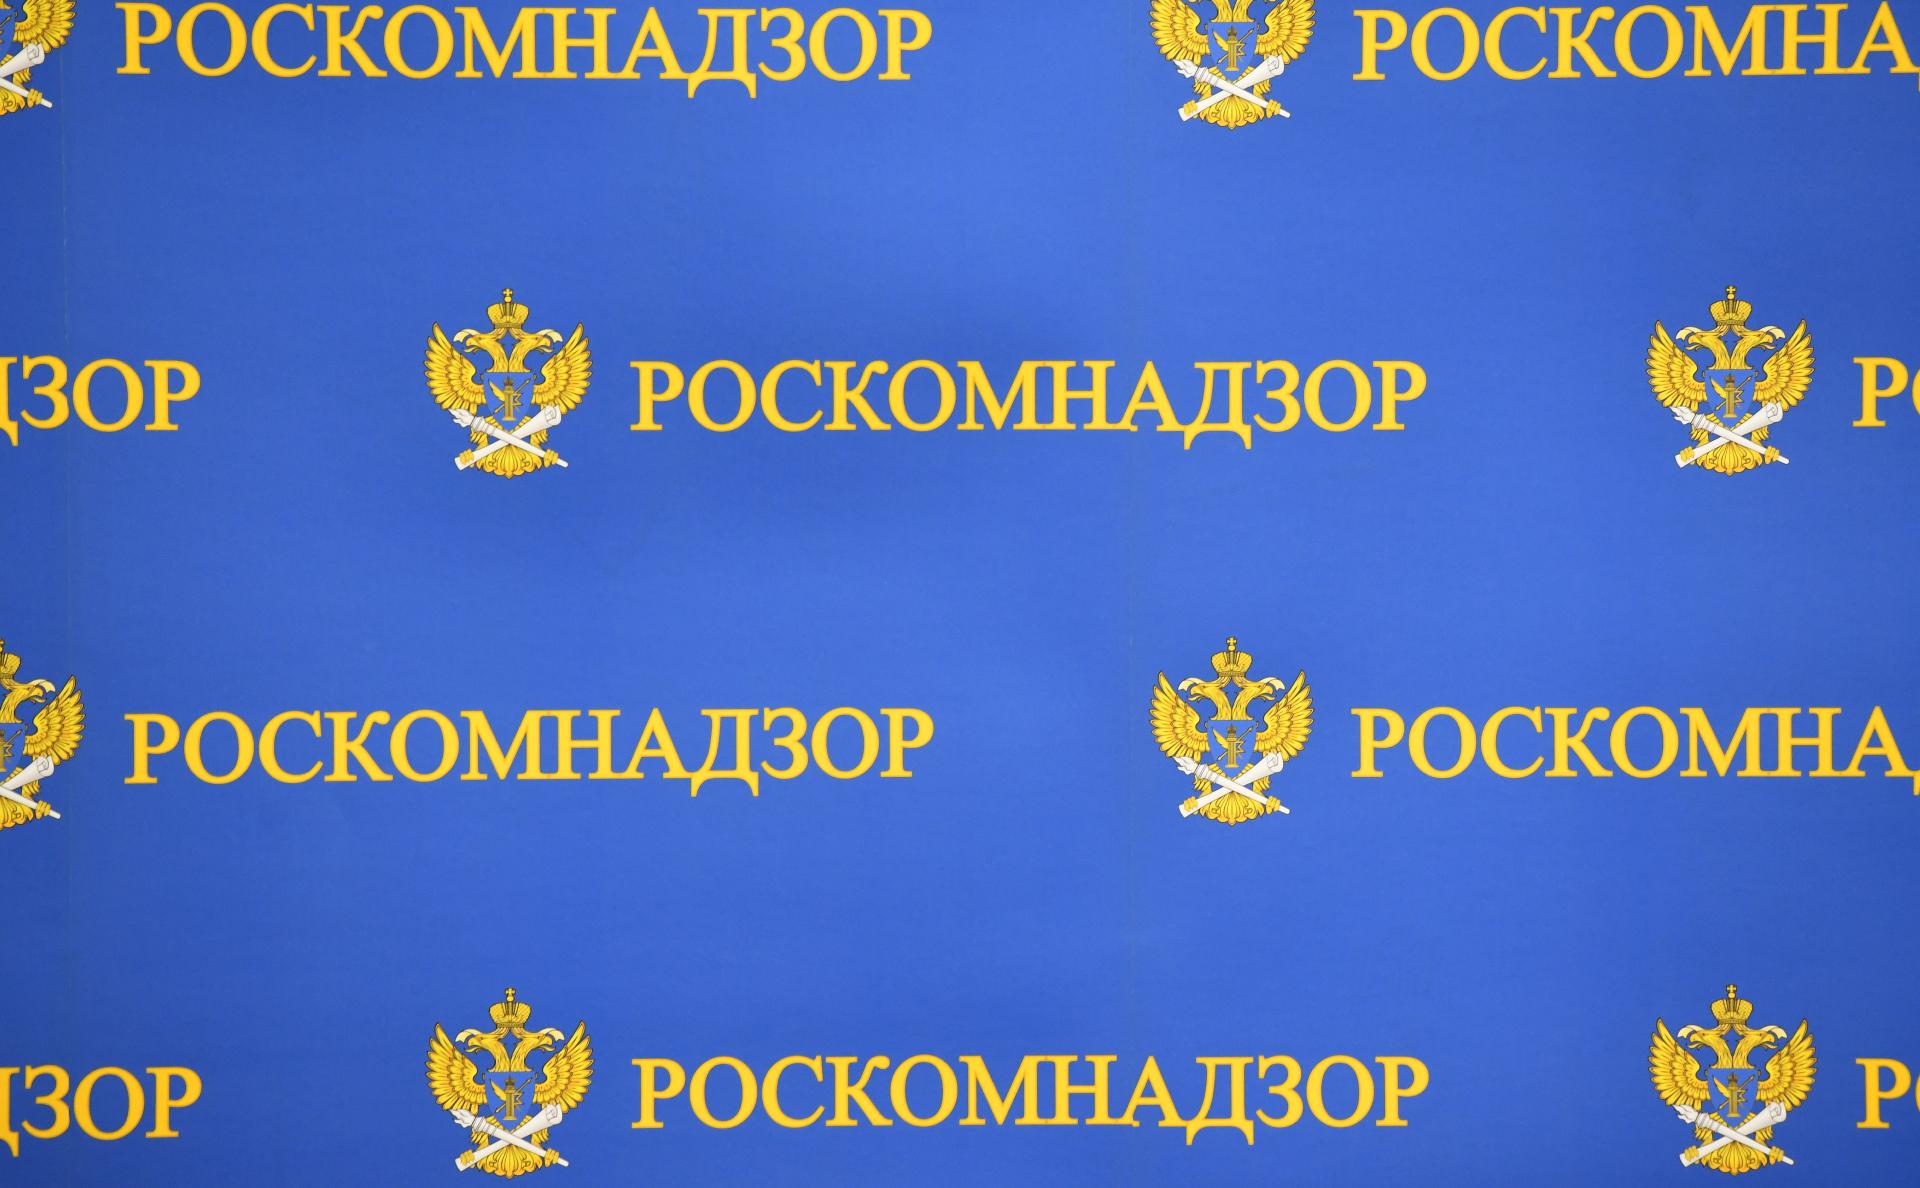 Роскомнадзор вызвал представителей TikTok и Telegram в связи с акциями